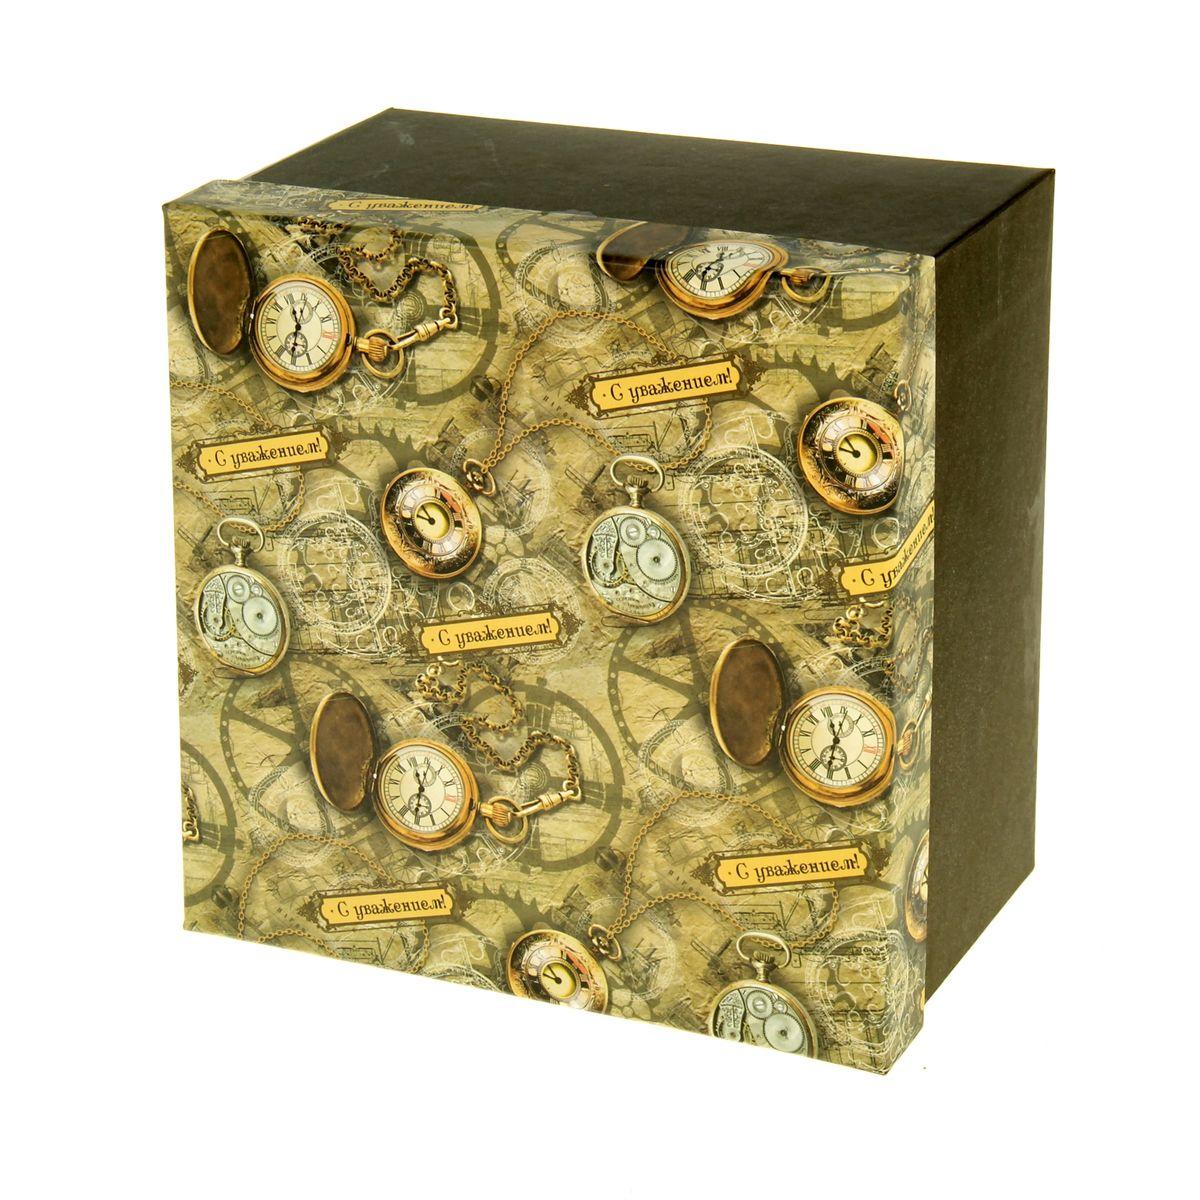 Подарочная коробка Sima-land Часы, 20 х 20 х 11,5 см55052Подарочная коробка Sima-land Часы выполнена из плотного картона. Крышка оформлена ярким изображением часов и надписью С уважением!.Подарочная коробка - это наилучшее решение, если вы хотите порадовать вашихблизких и создать праздничное настроение, ведь подарок, преподнесенный воригинальной упаковке, всегда будет самым эффектным и запоминающимся.Окружите близких людей вниманием и заботой, вручив презент в нарядном,праздничном оформлении.